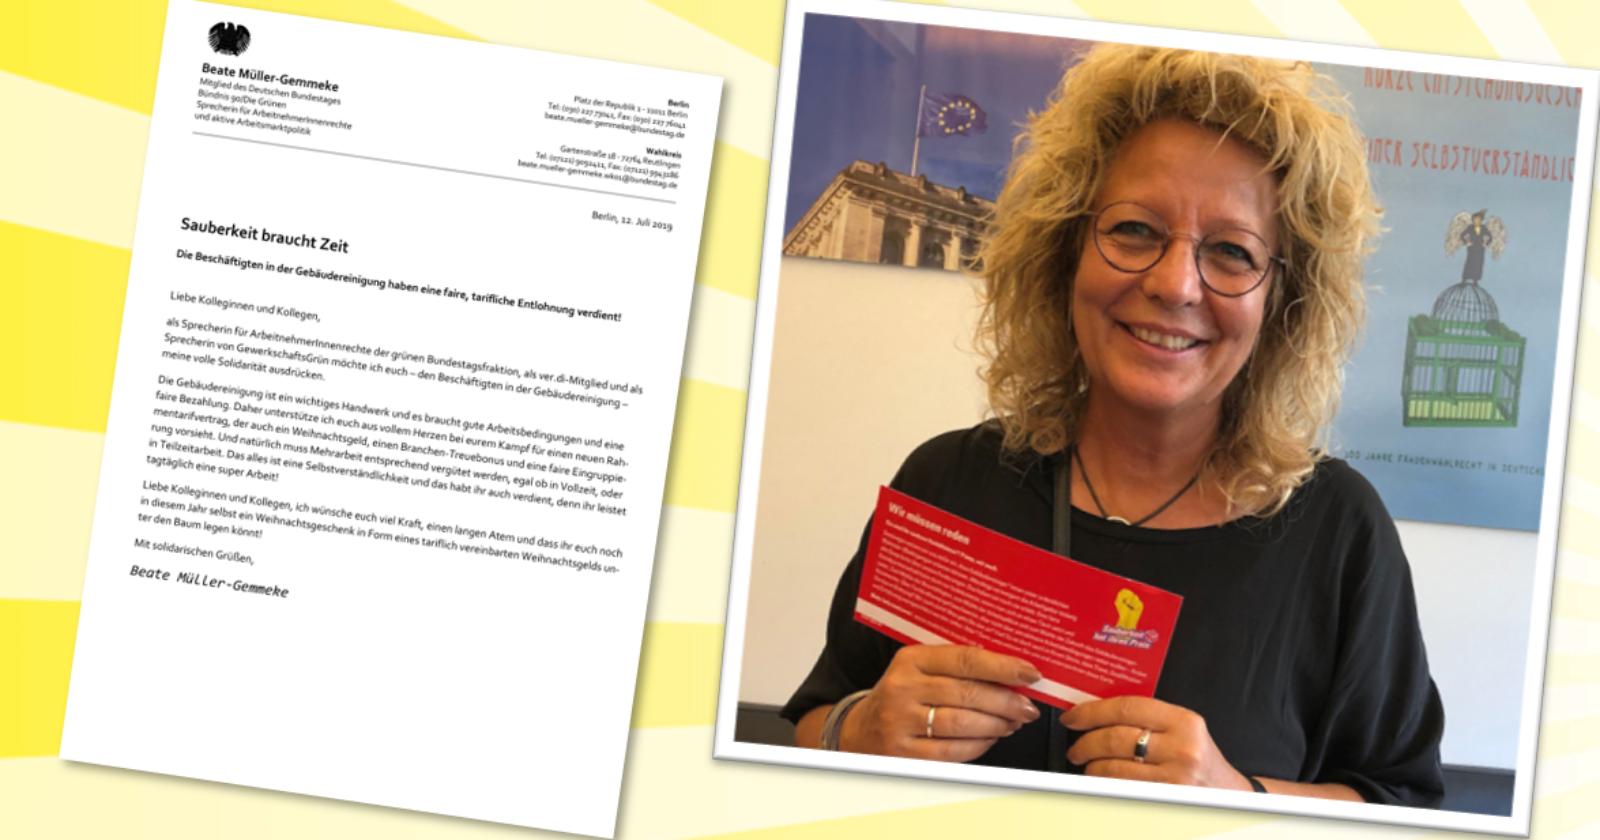 """Beate Müller-Gemmeke MdB (Bündnis 90/Die Grünen): """"Sauberkeit braucht Zeit. Die Beschäftigten in der Gebäudereinigung haben eine faire, tarifliche Entlohnung verdient!"""""""